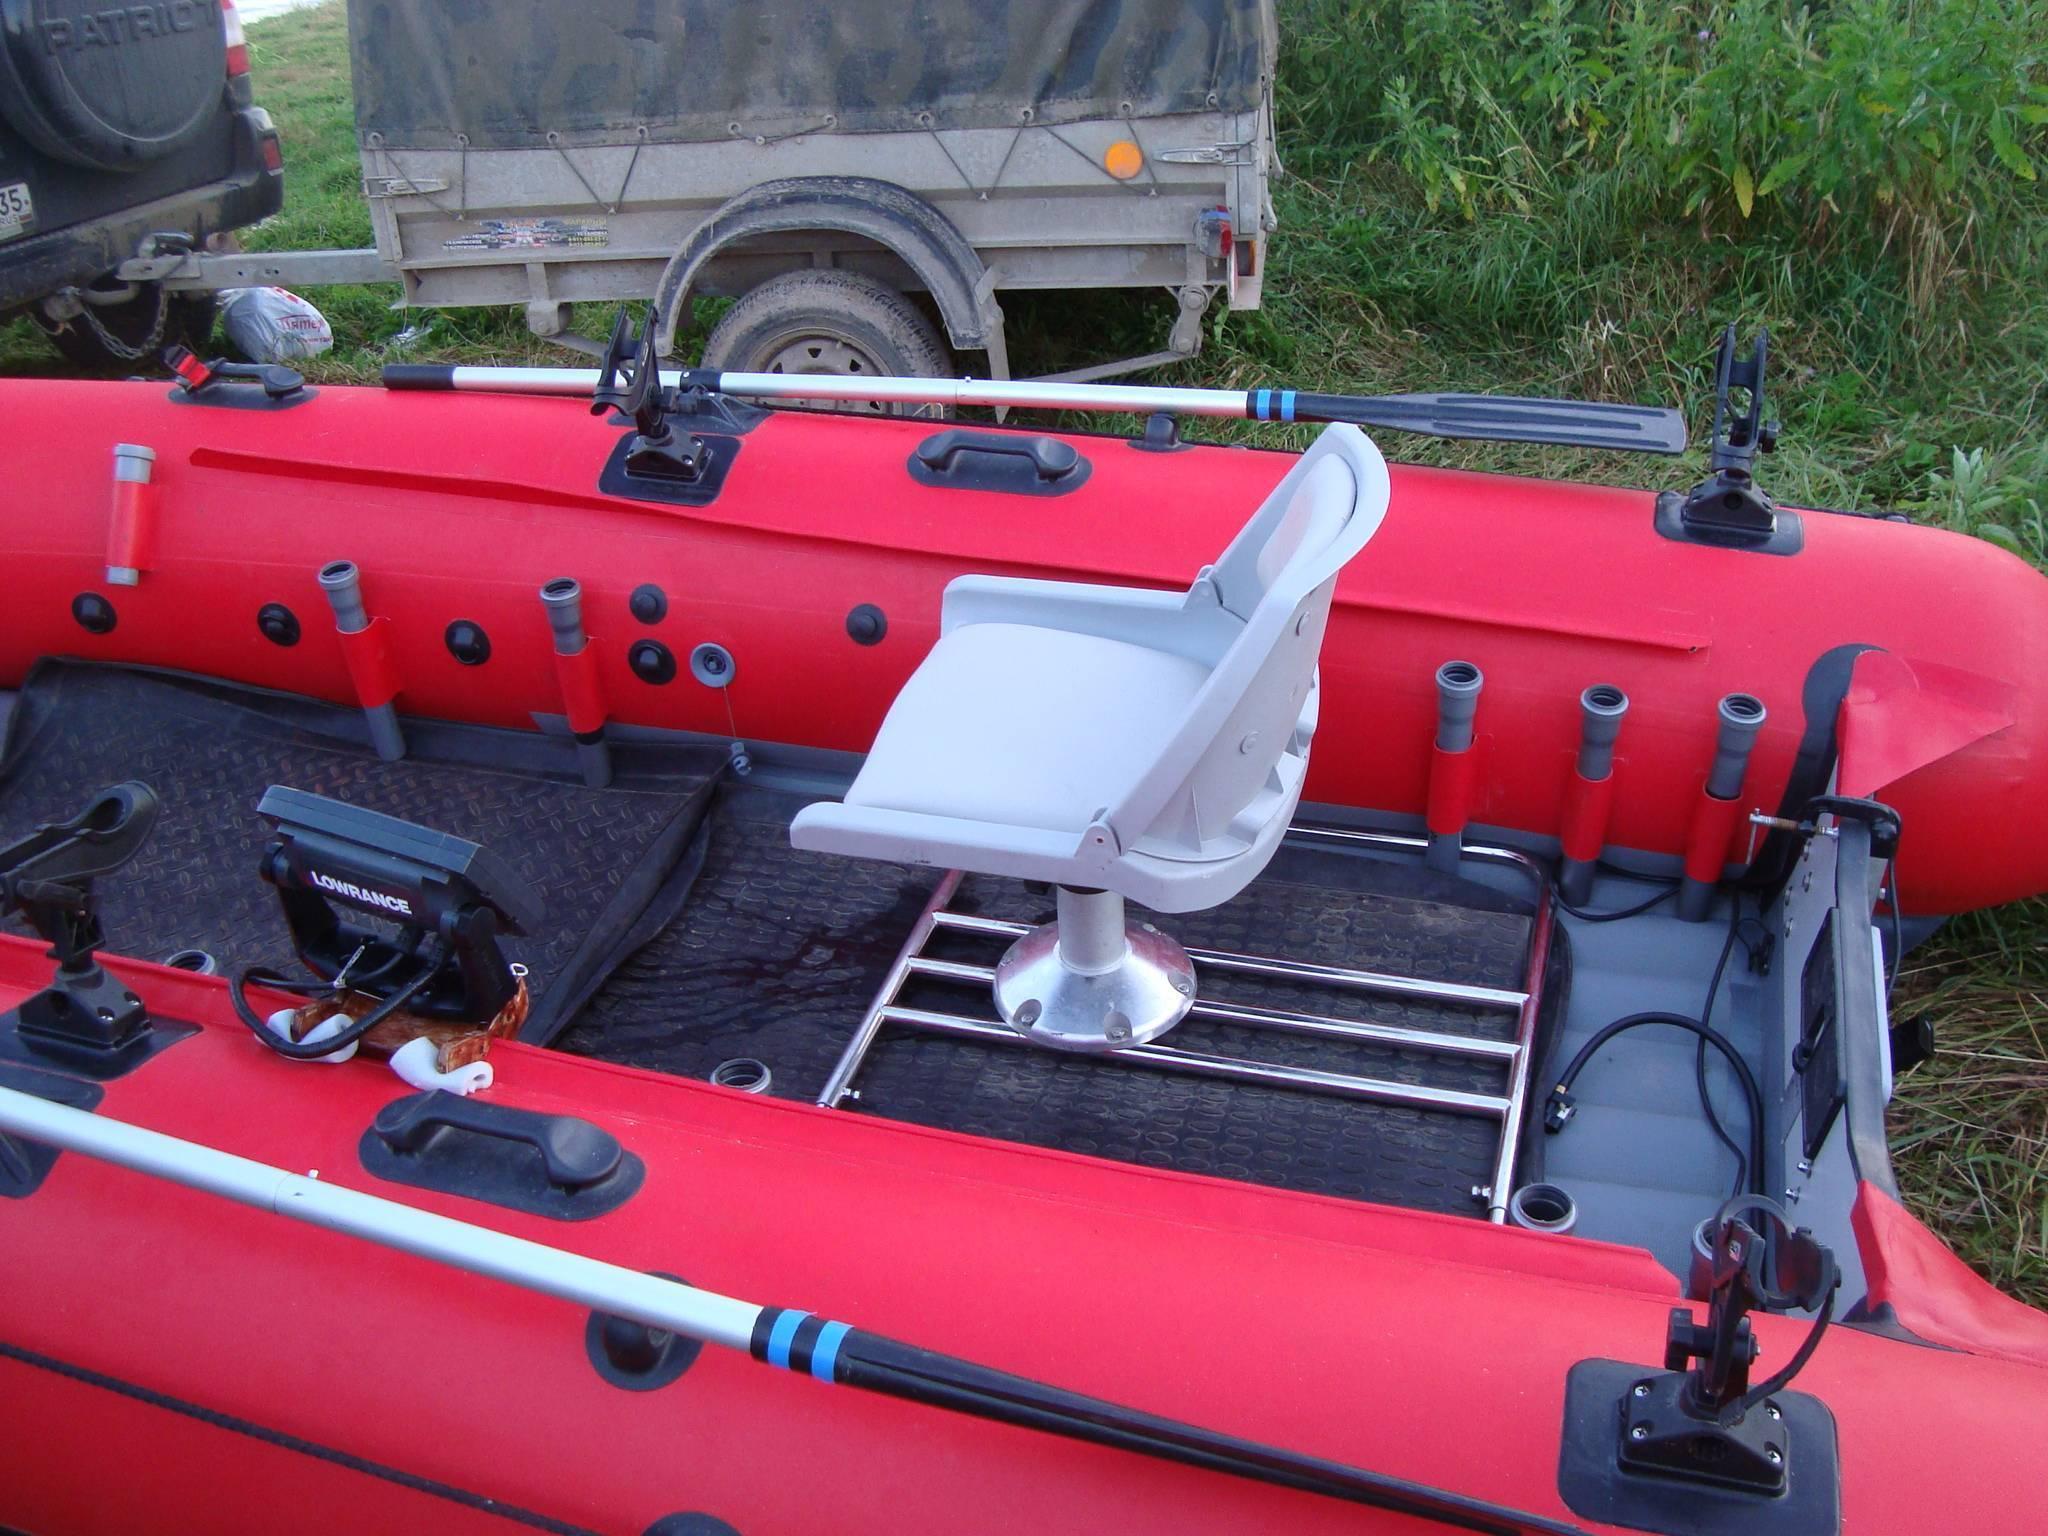 Ремонт и тюнинг пвх-лодок своими руками (фото) :: syl.ru